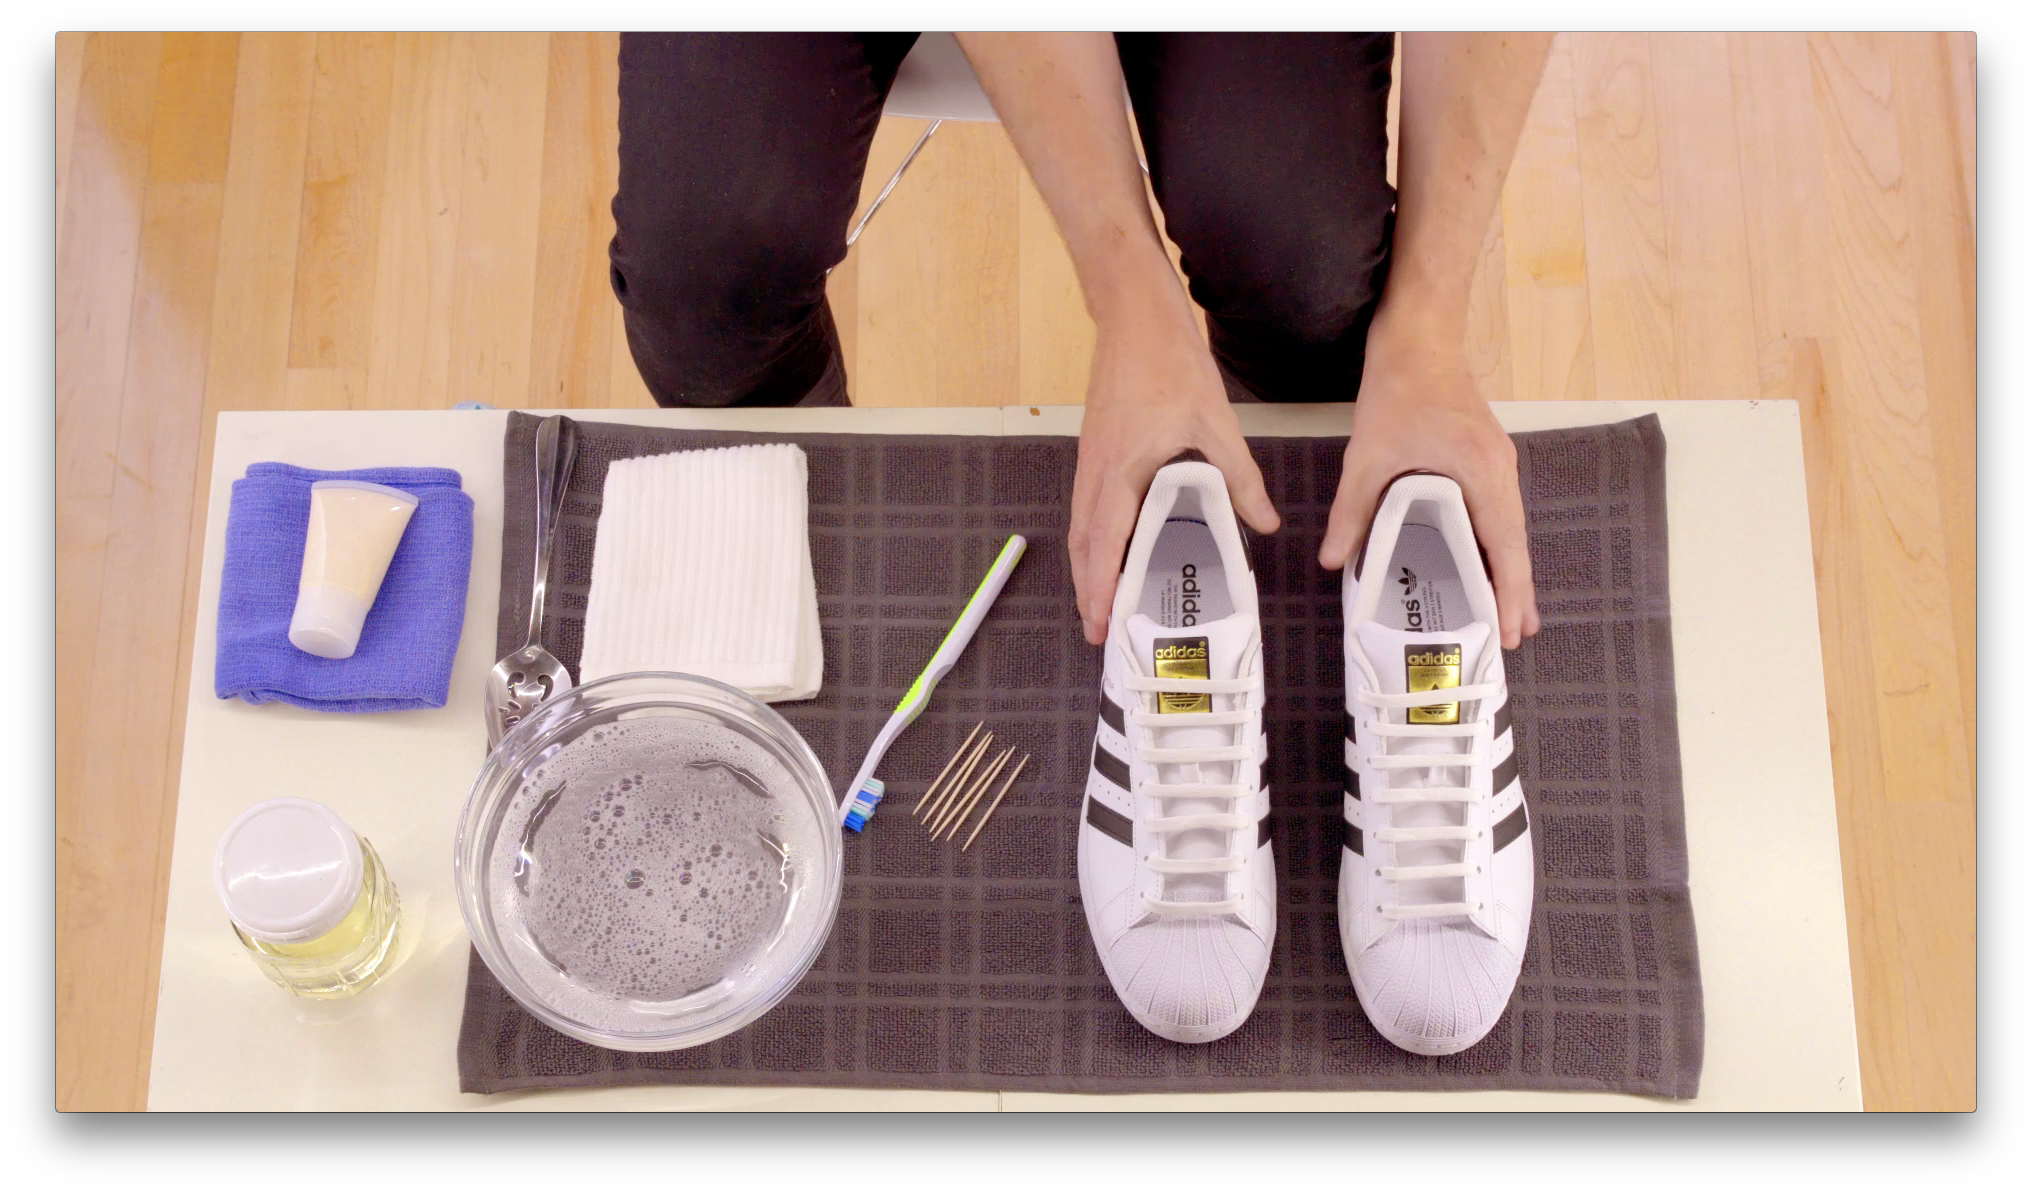 スニーカー 洗い方 ケア 方法 おすすめ アディダス how-to-clean-your-sneakers-wash-guide adidas us